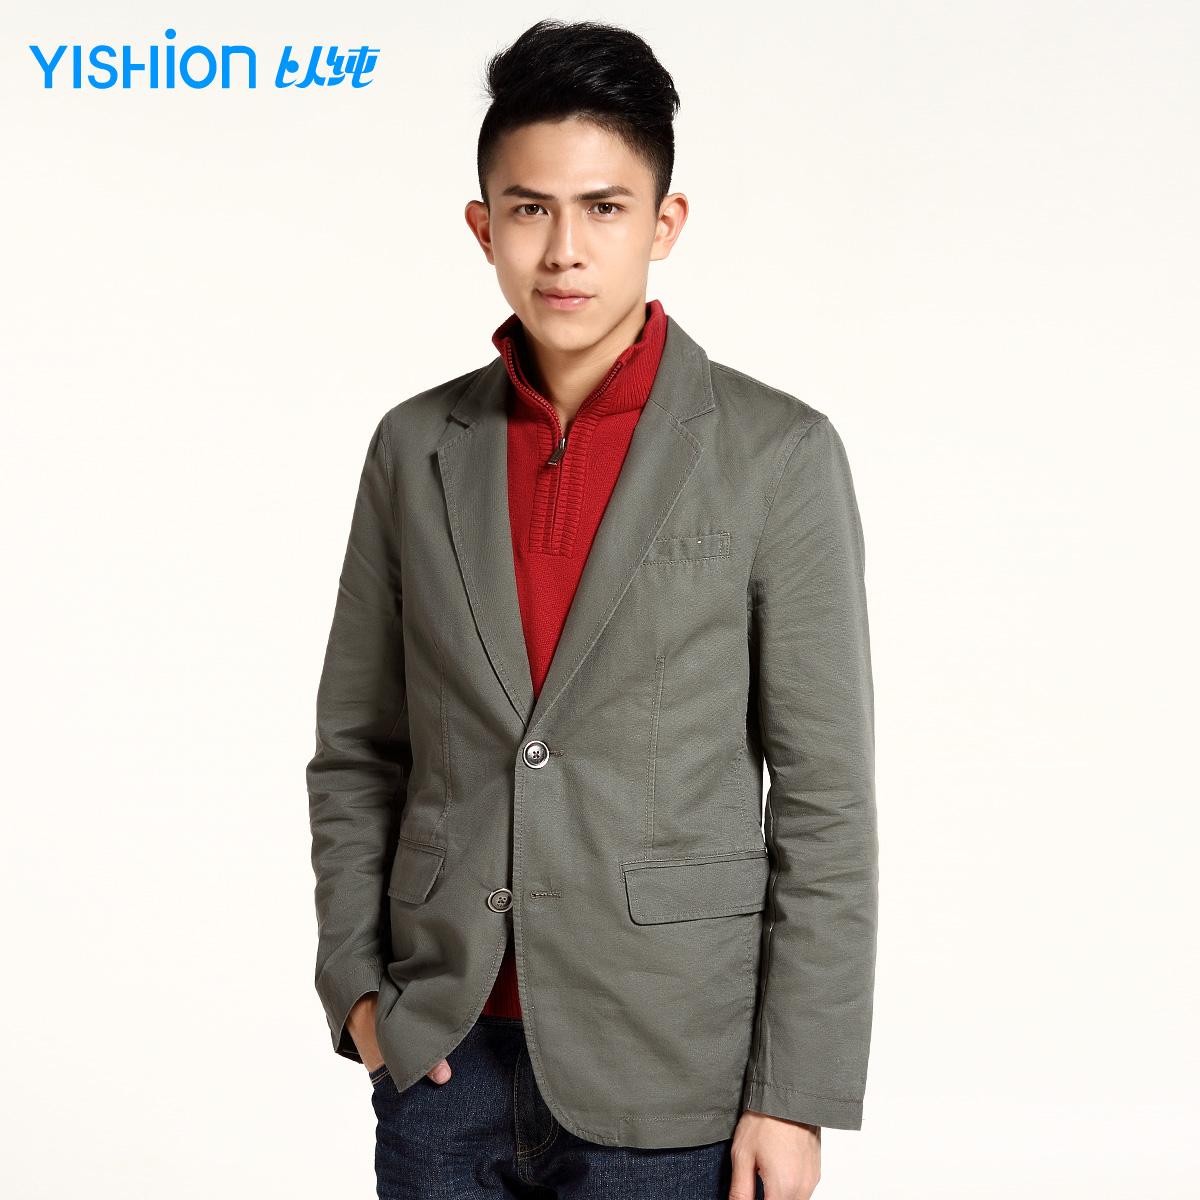 Куртка Yishion # 11311165 11311165 269 Хлопок Костюмный воротник